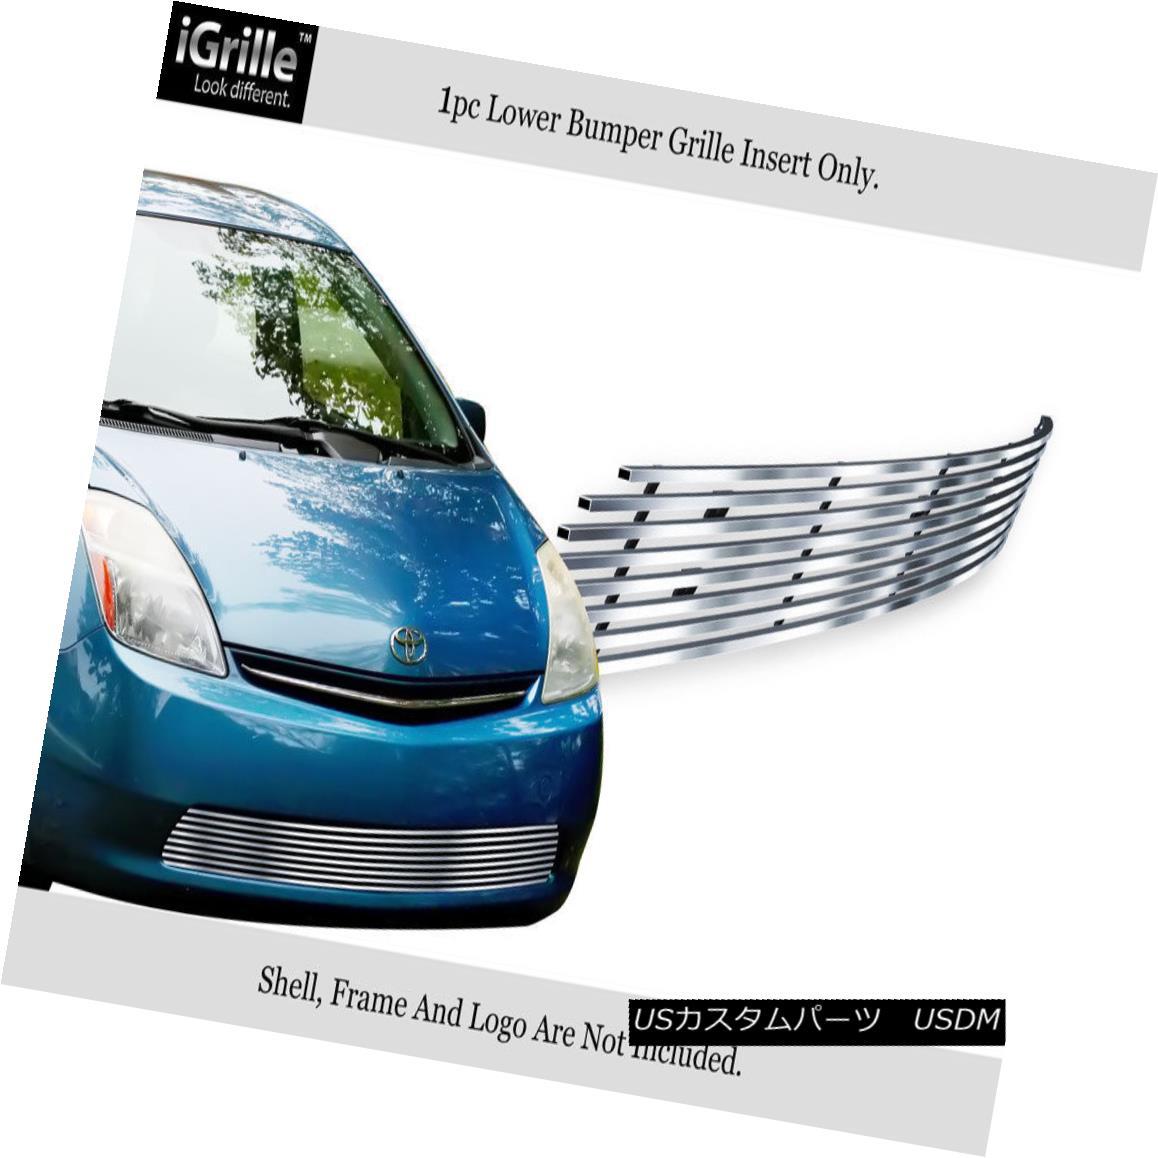 グリル Fits 06-09 Toyota Prius Lower Bumper Stainless Steel Billet Grille Insert フィット06-09トヨタプリウスロワーバンパーステンレス鋼ビレットグリルインサート